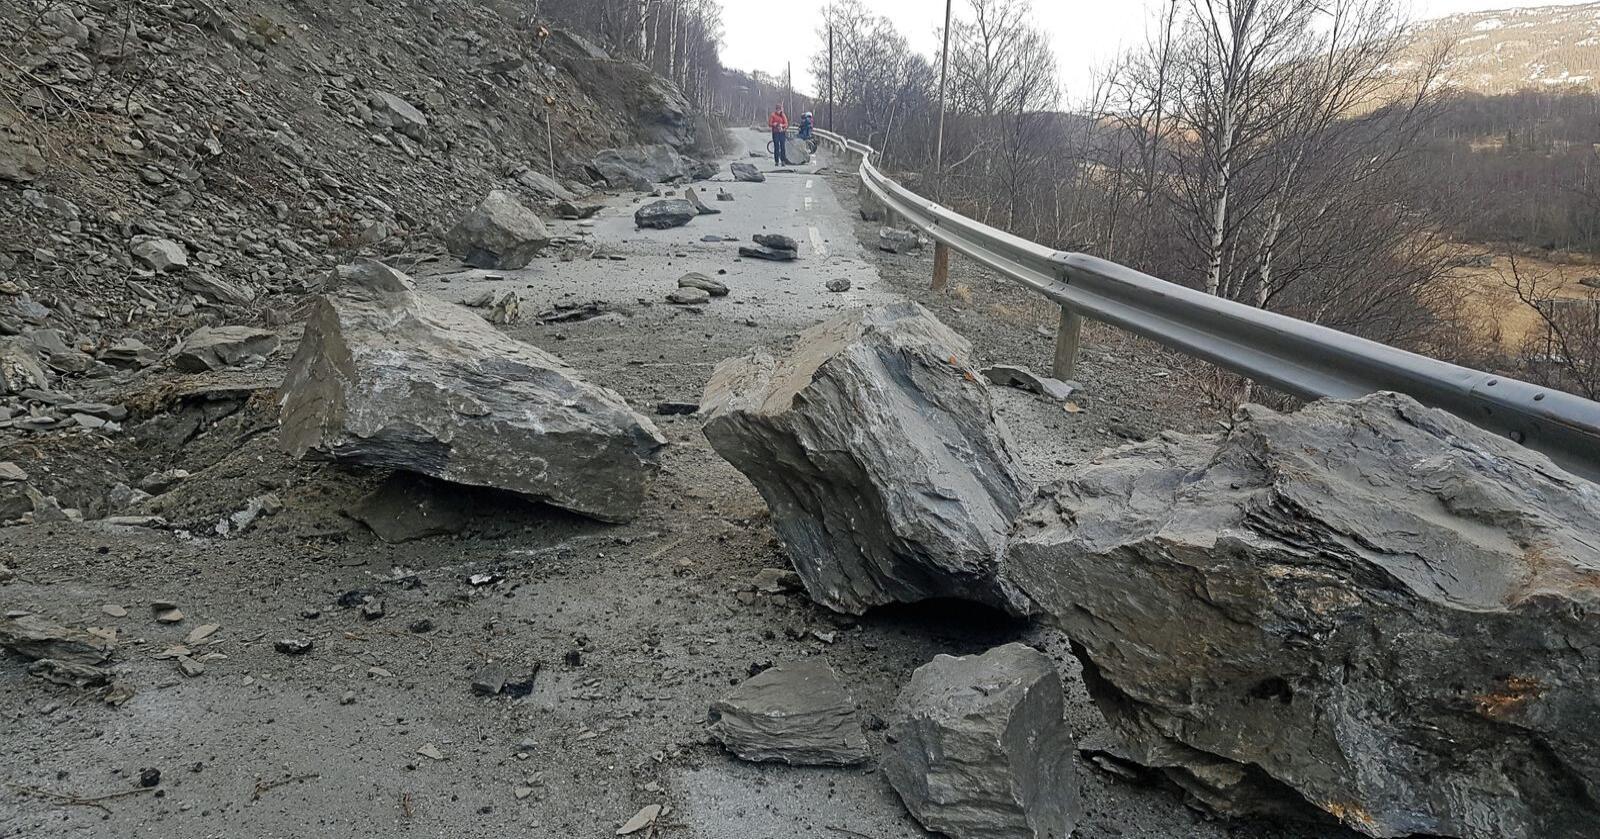 Rasfare: Det er ikkje uvanleg at det rasar på fylkesveg 2510 i Vang i Valdres. Fylkesvegen er skuleveg og arbeidsveg til dagleg. Foto: Hilde Lysengen Havro